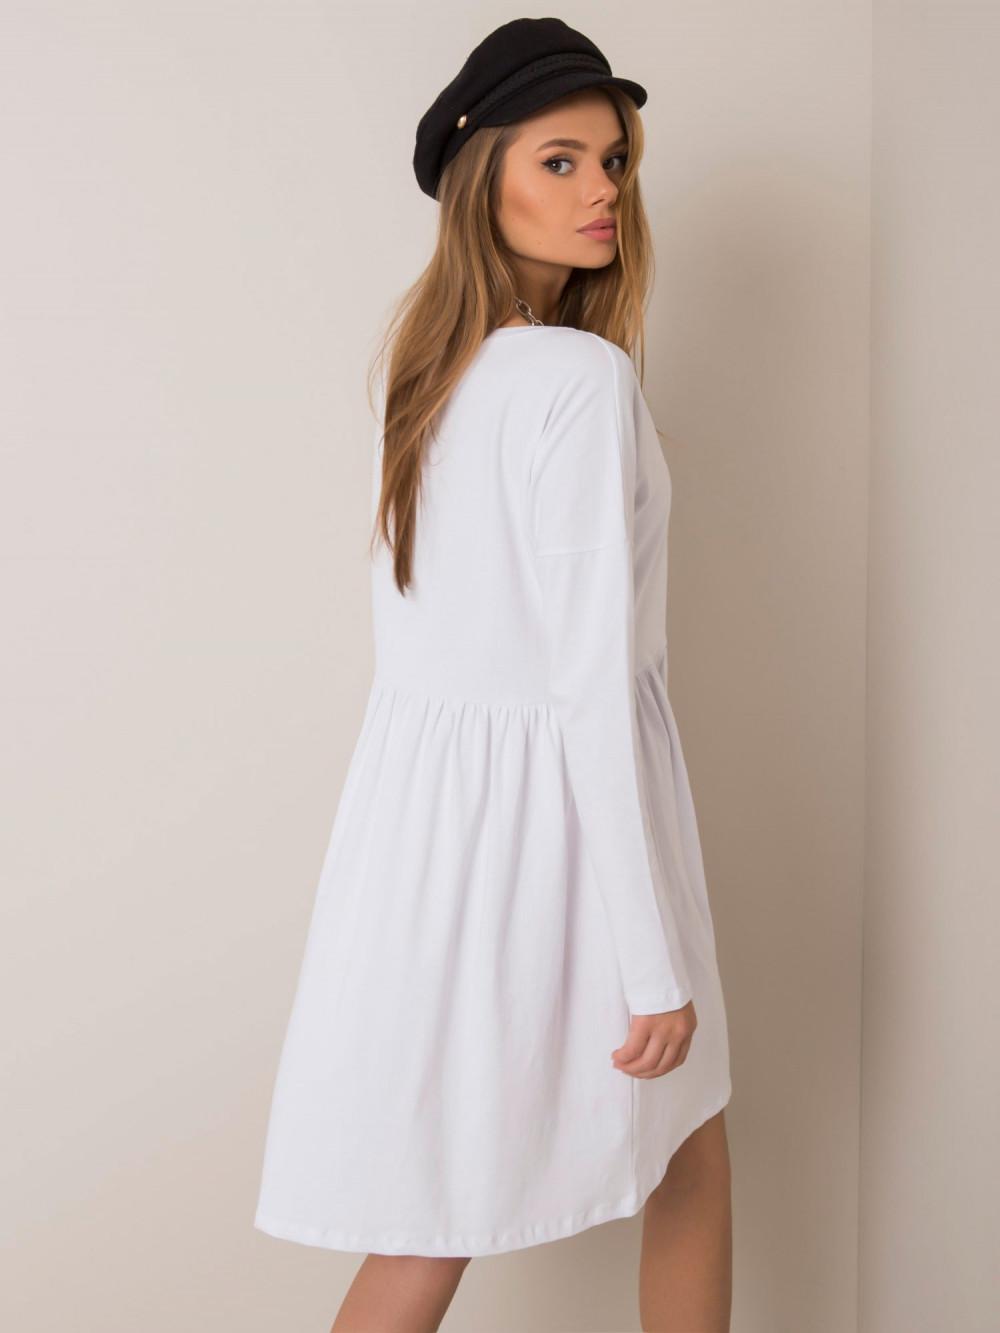 Biała klasyczna sukienka rozkloszowana Ateria 4